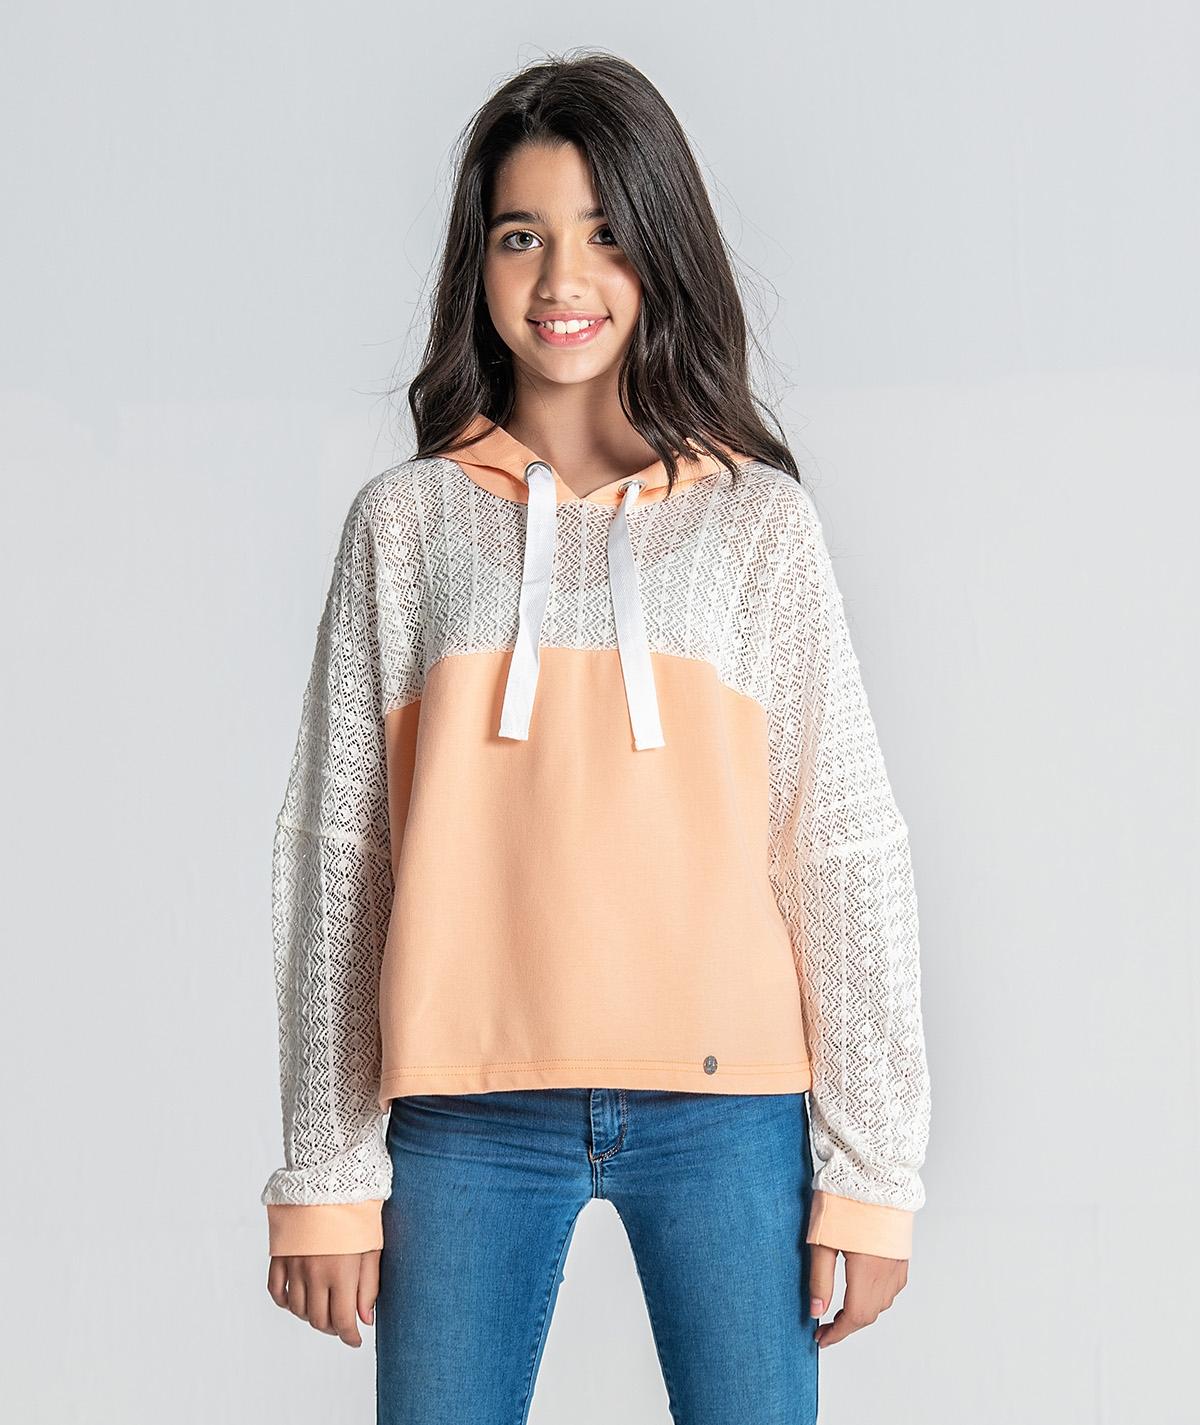 Sweater com detalhe tricot